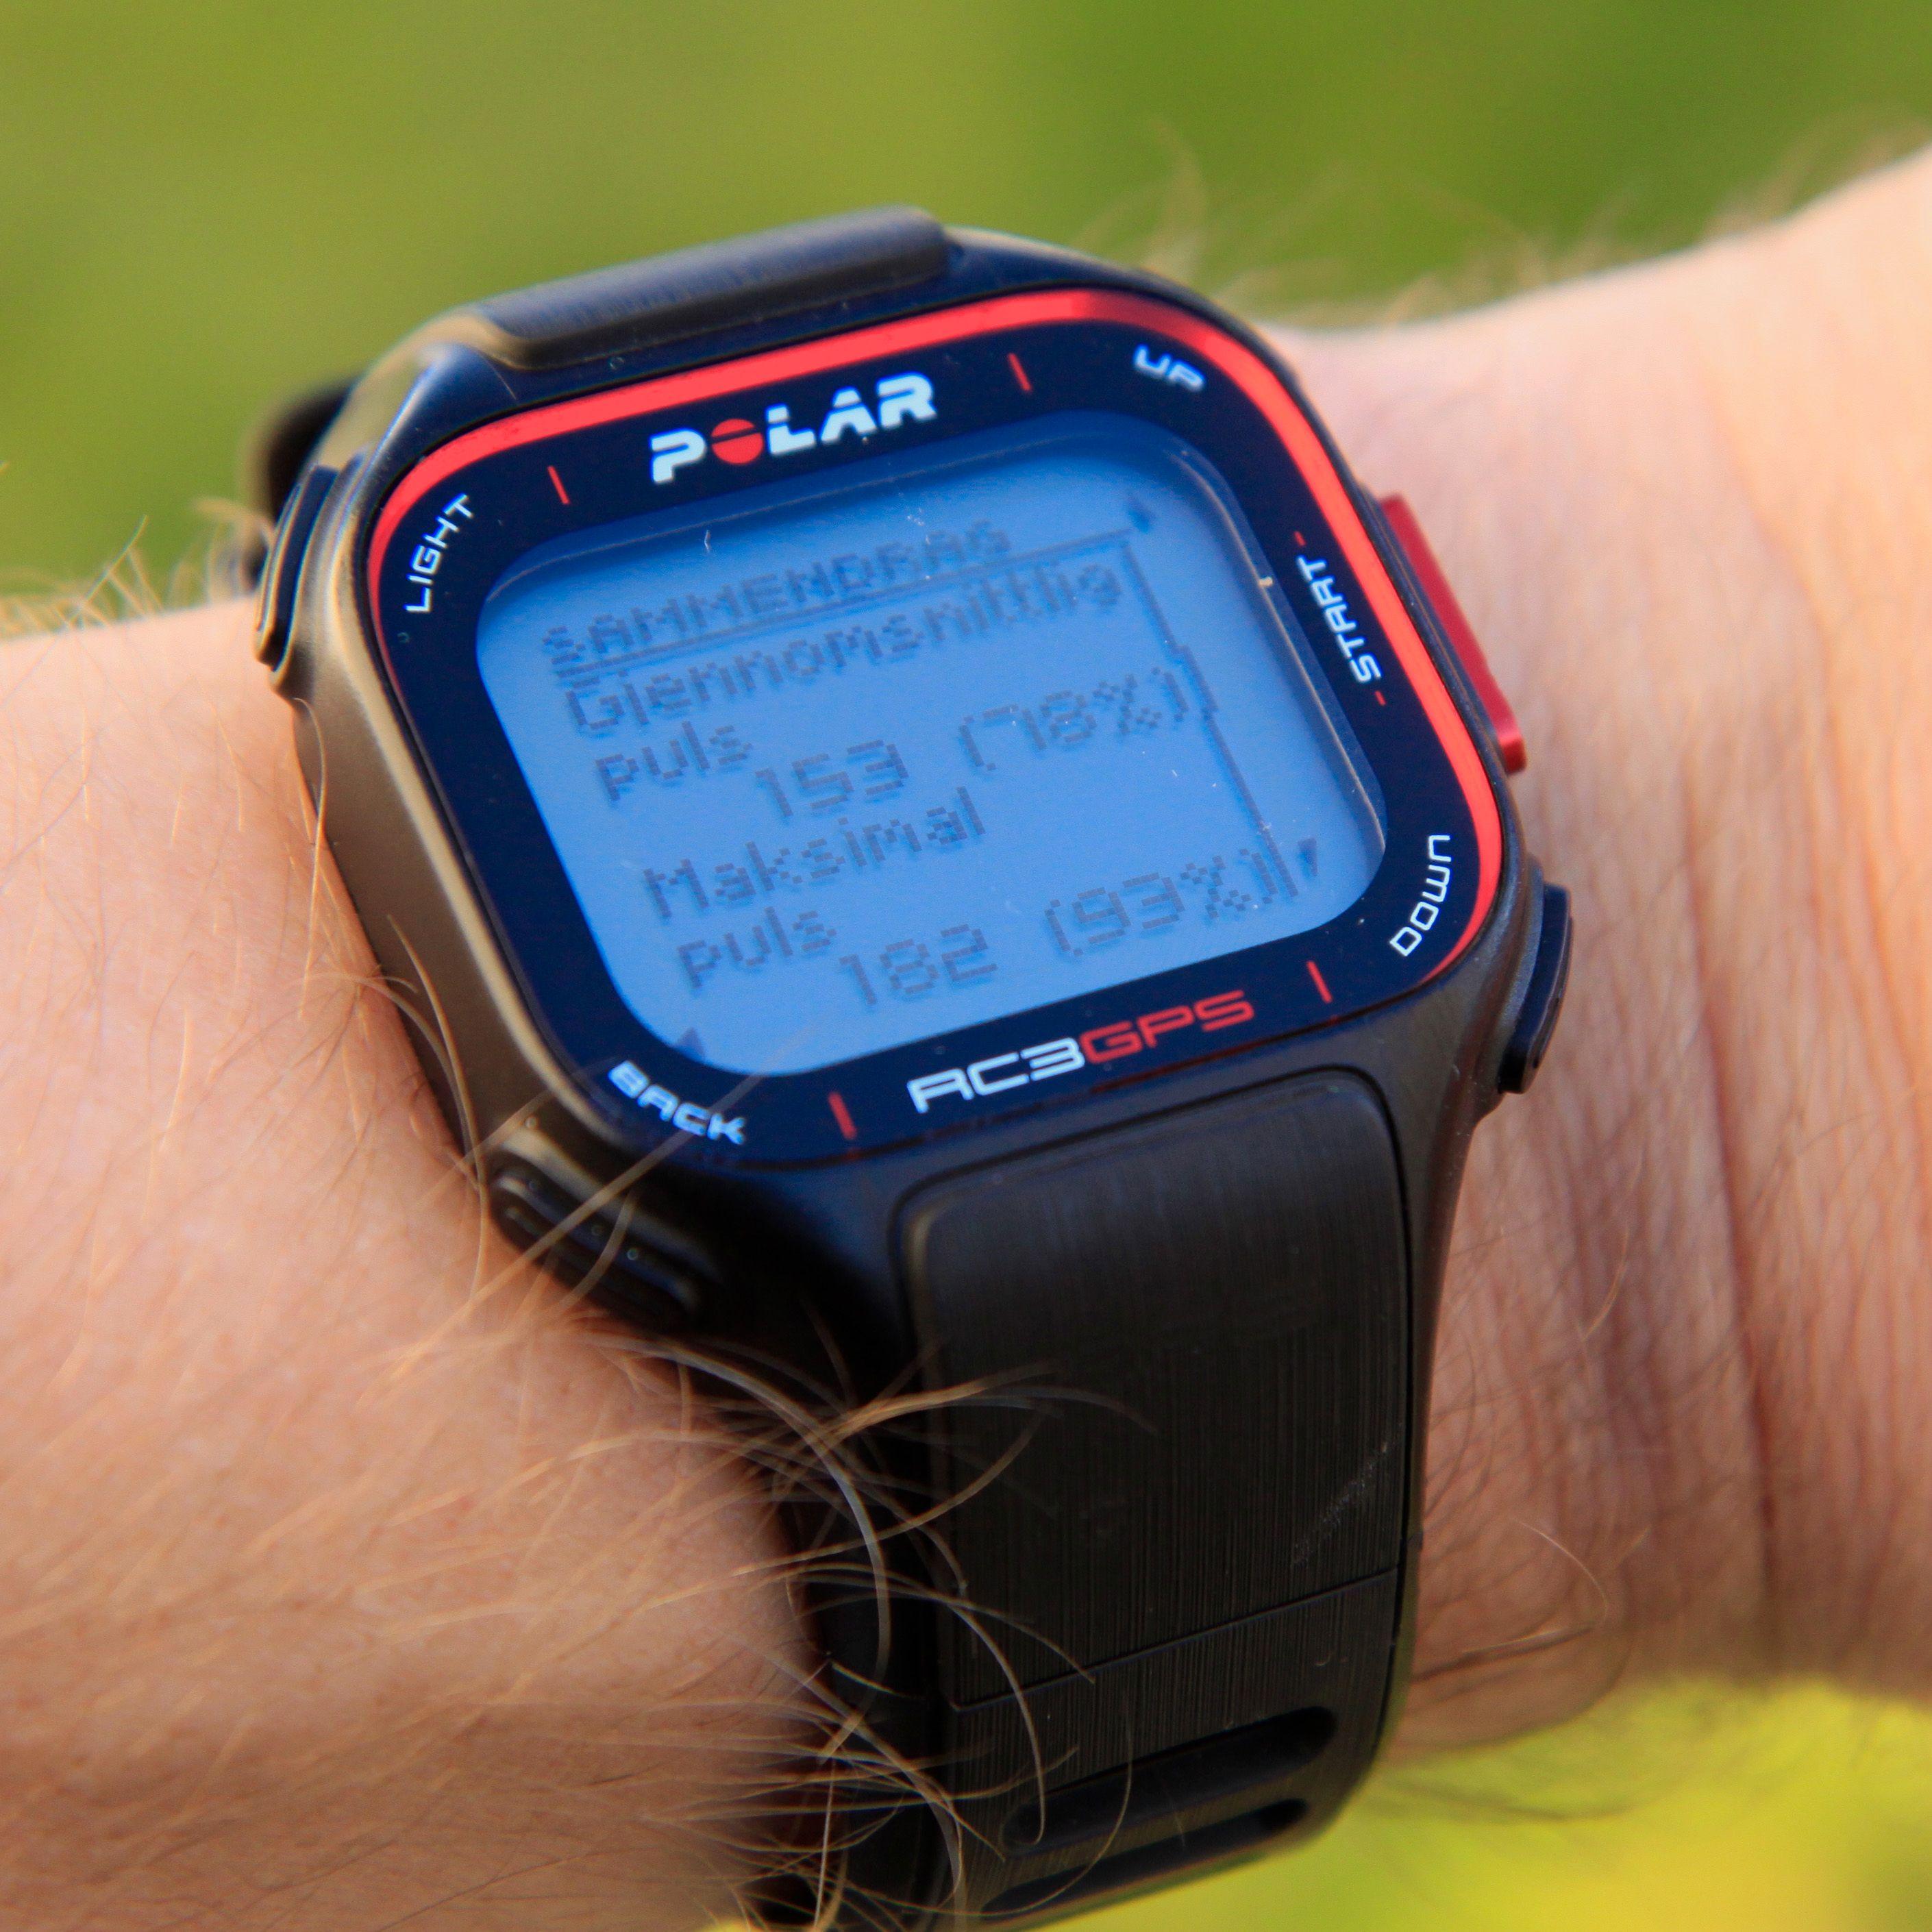 Etter løpet får du et sammendrag. Du kan bla i skjermbilder som viser blant annet gjennomsnitspuls og makspuls, kaloriforbruk og treningseffekt.Foto: Kurt Lekanger, Amobil.no